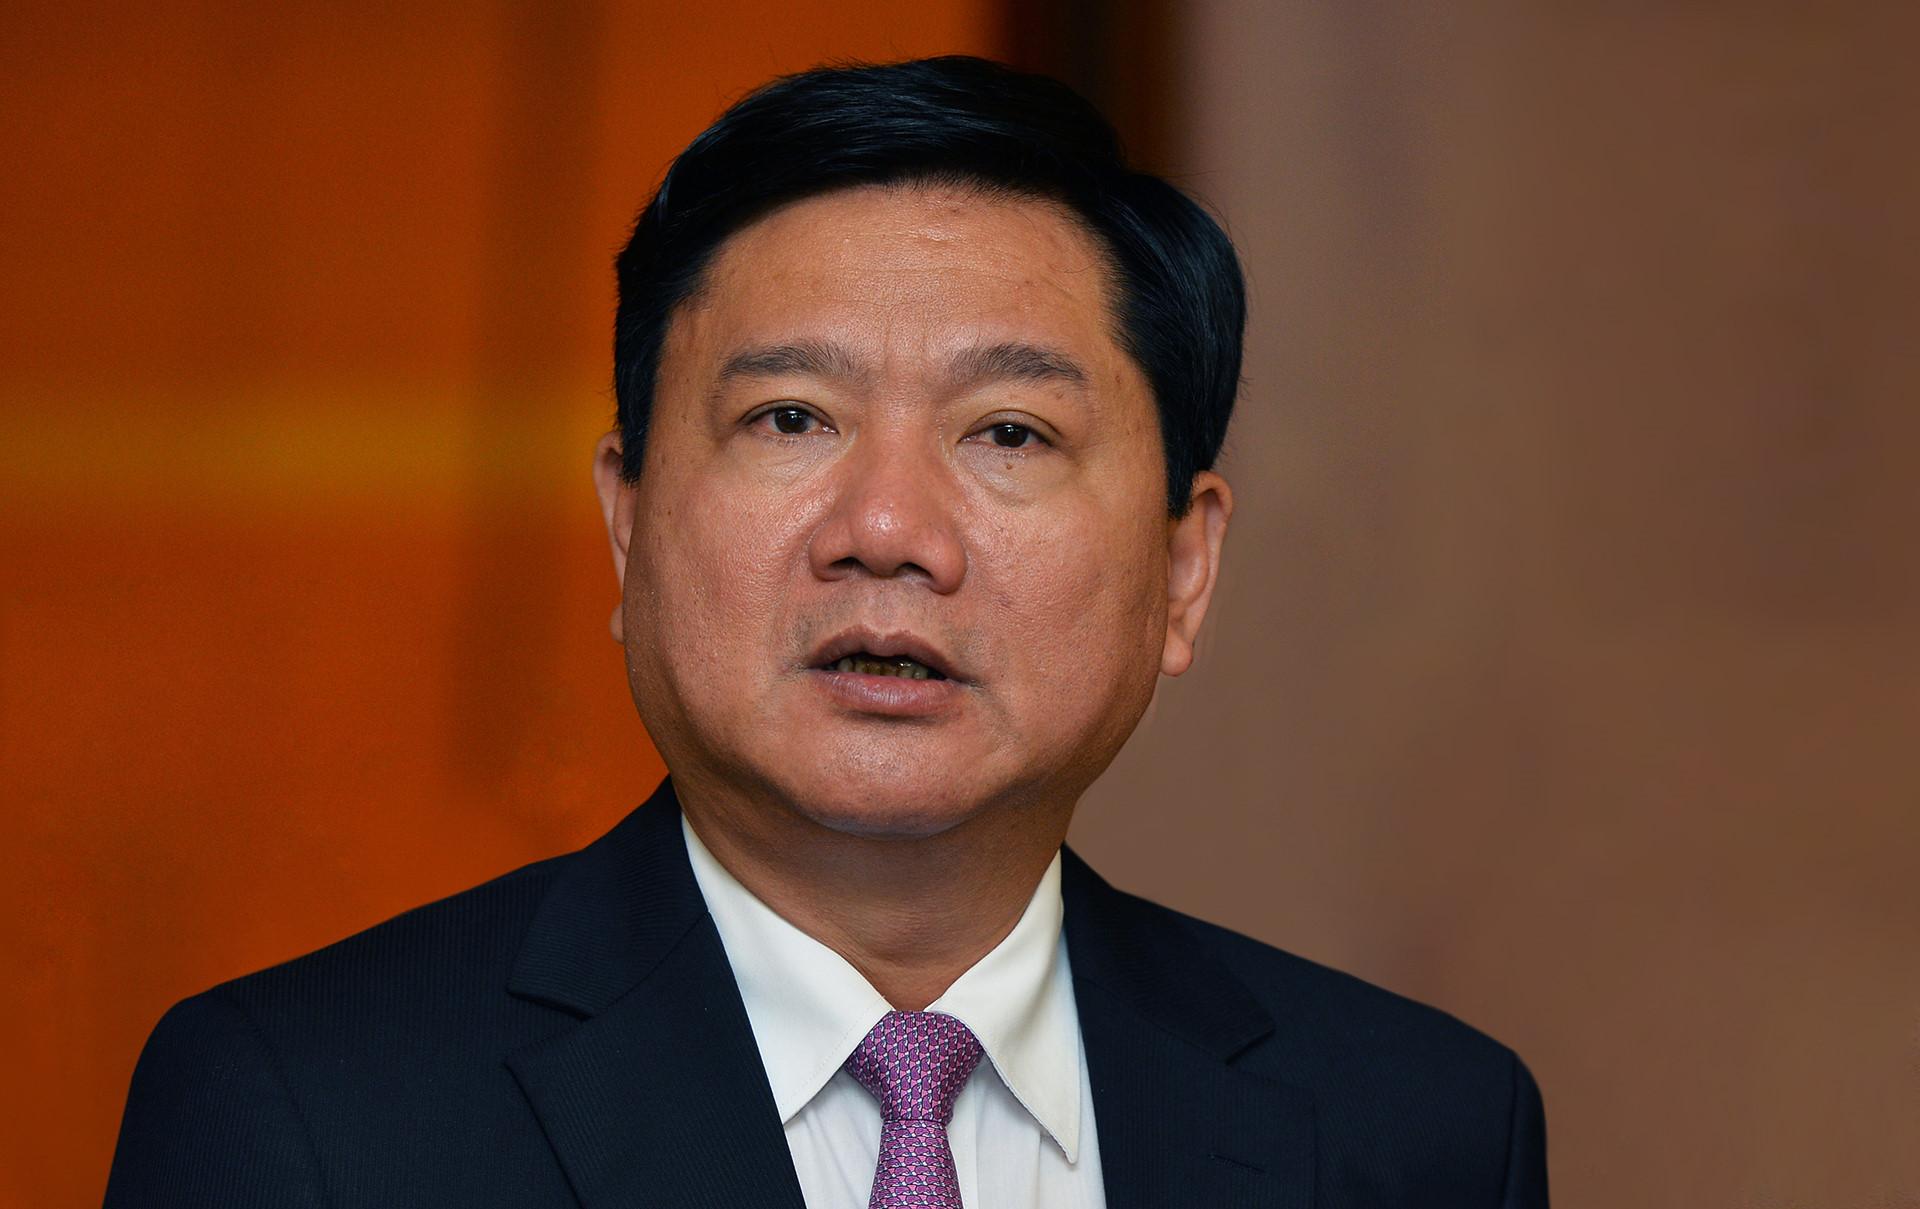 Ông Đinh La Thăng bị tạm đình chỉ nhiệm vụ đại biểu Quốc hội